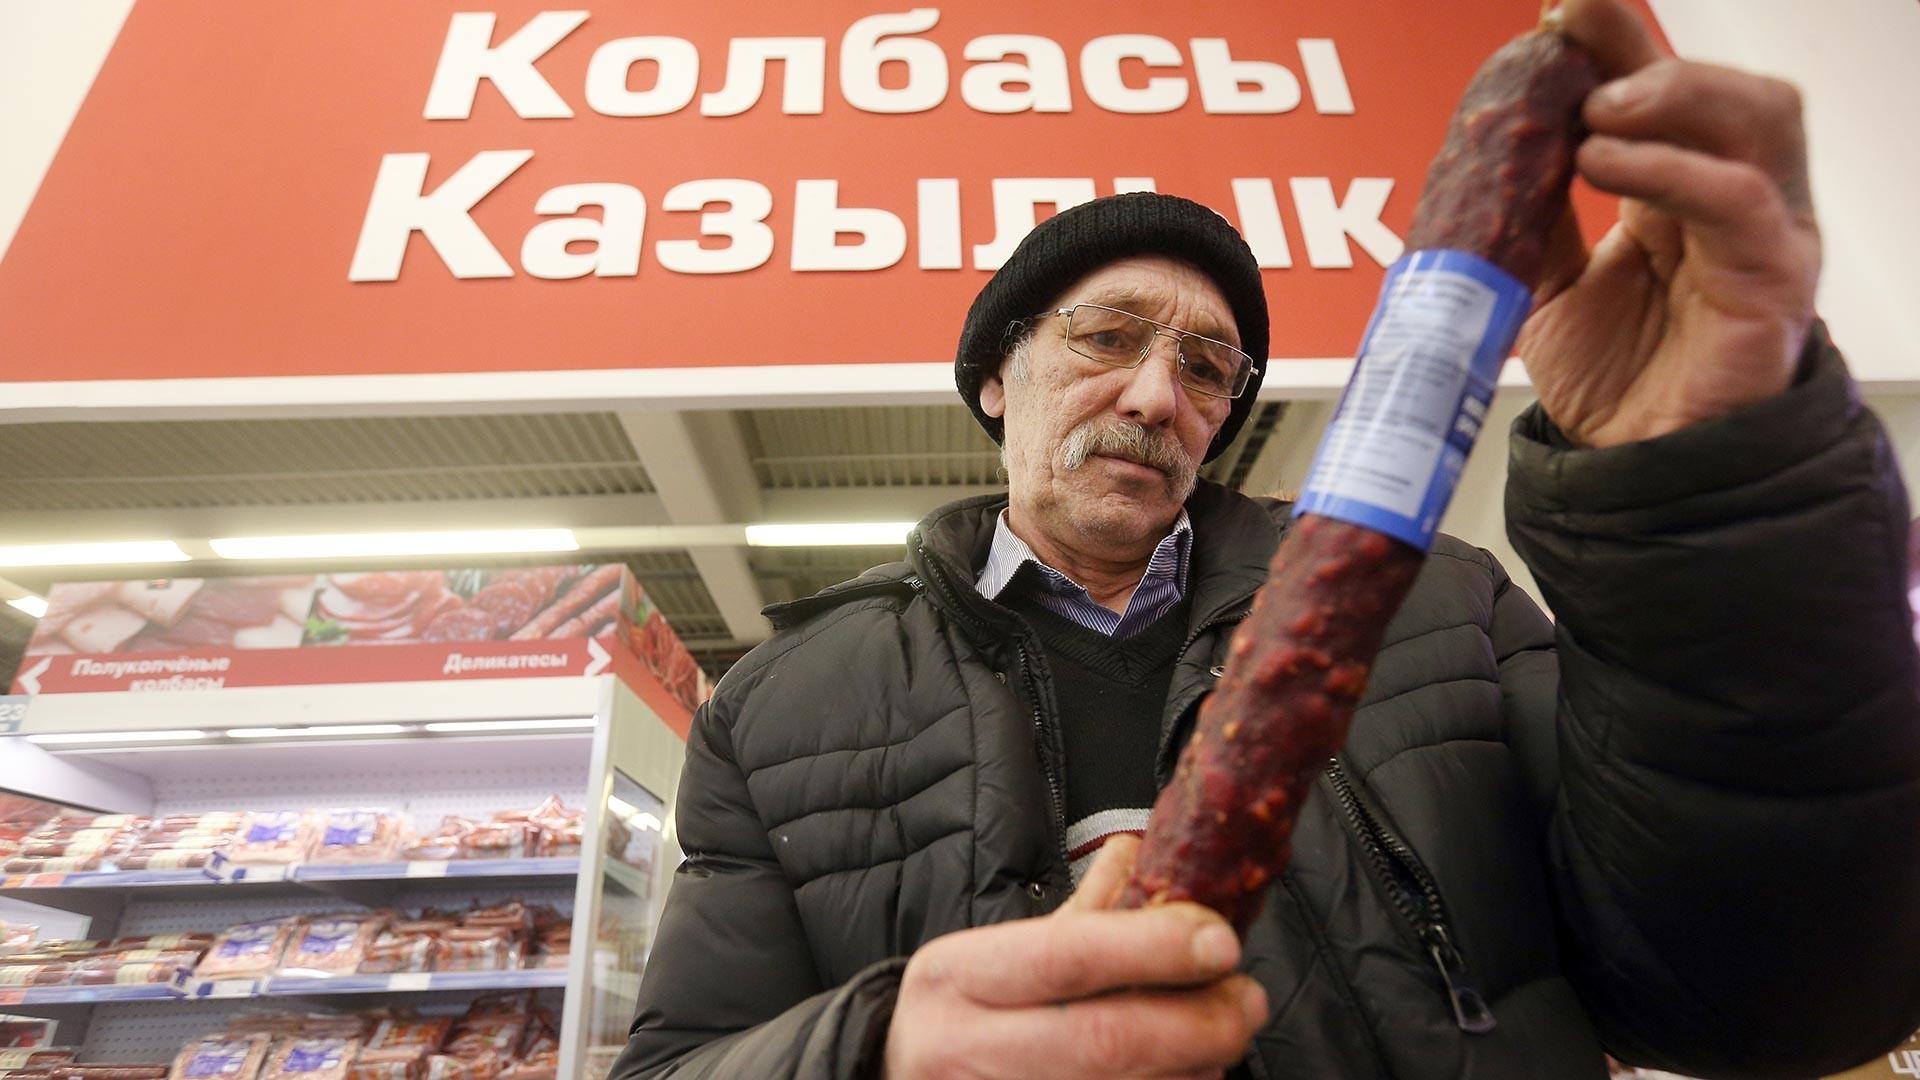 Di sebuah pasar swalayan di Kota Kazan, Republik Tatarstan.